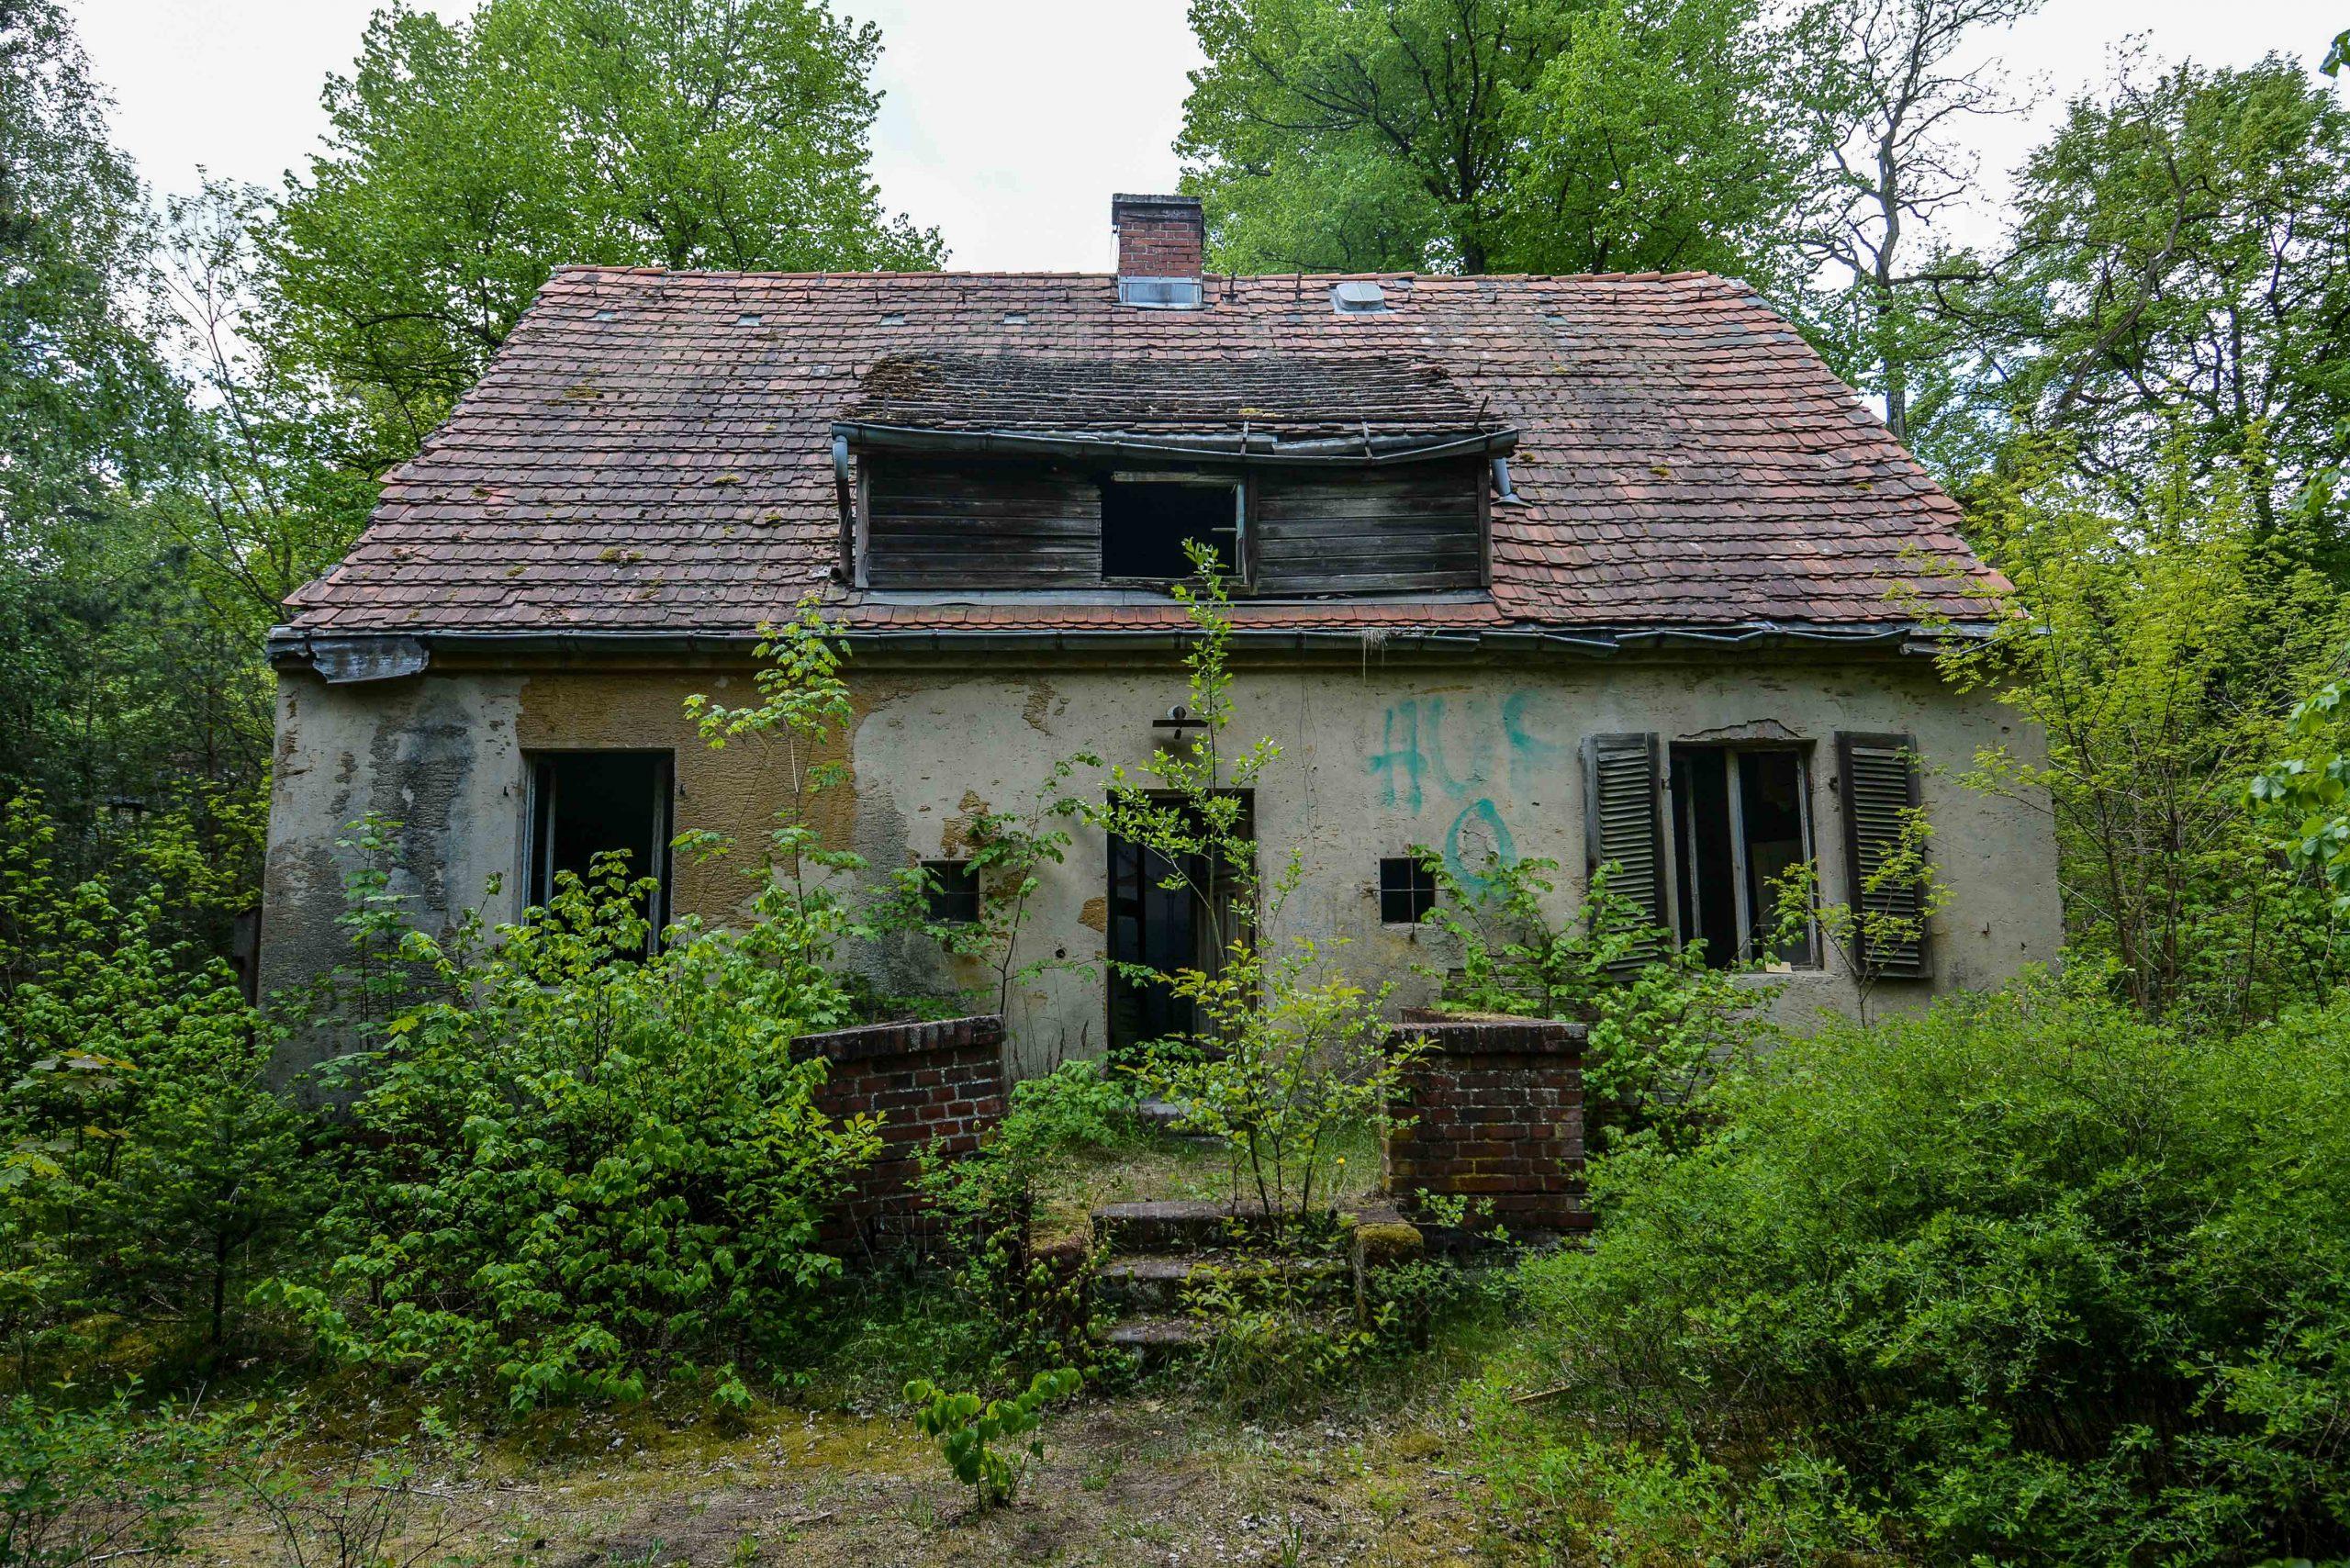 boiler room building tuberkulose heilstaette grabowsee sanatorium oranienburg lost places abandoned urbex brandenburg germany deutschland